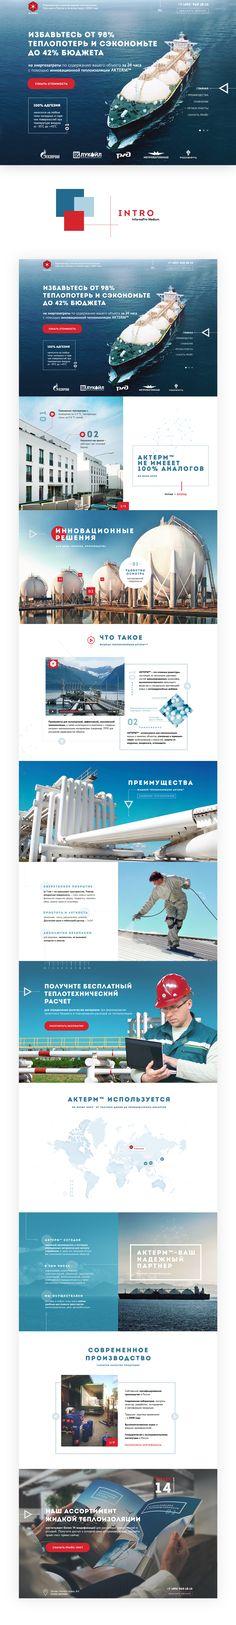 Разработка дизайн для сайта теплоизоляции крупных промышленных объектов